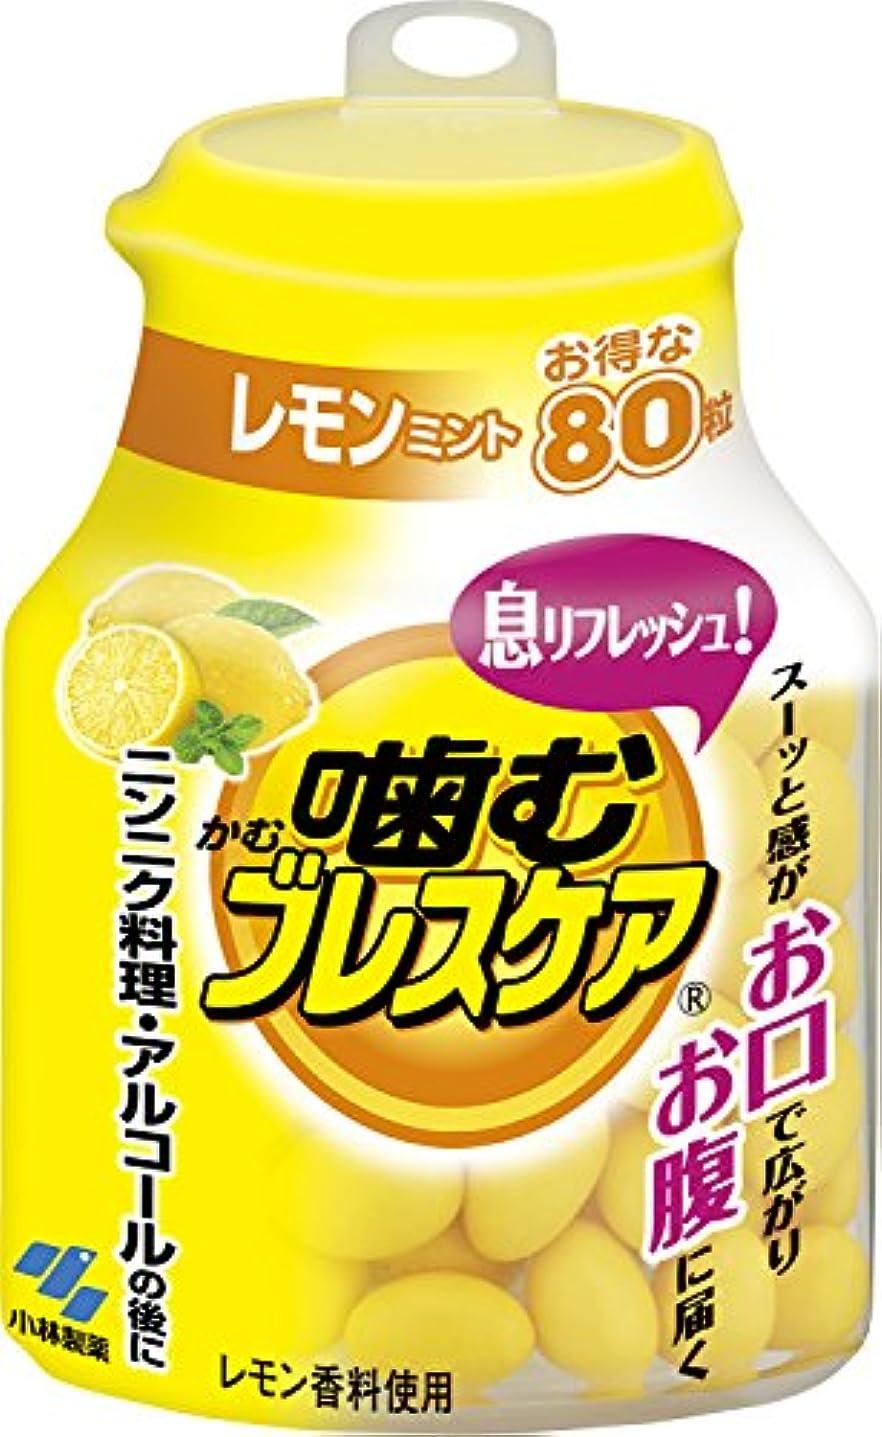 誇大妄想中級学ぶ噛むブレスケア レモンミント 80粒